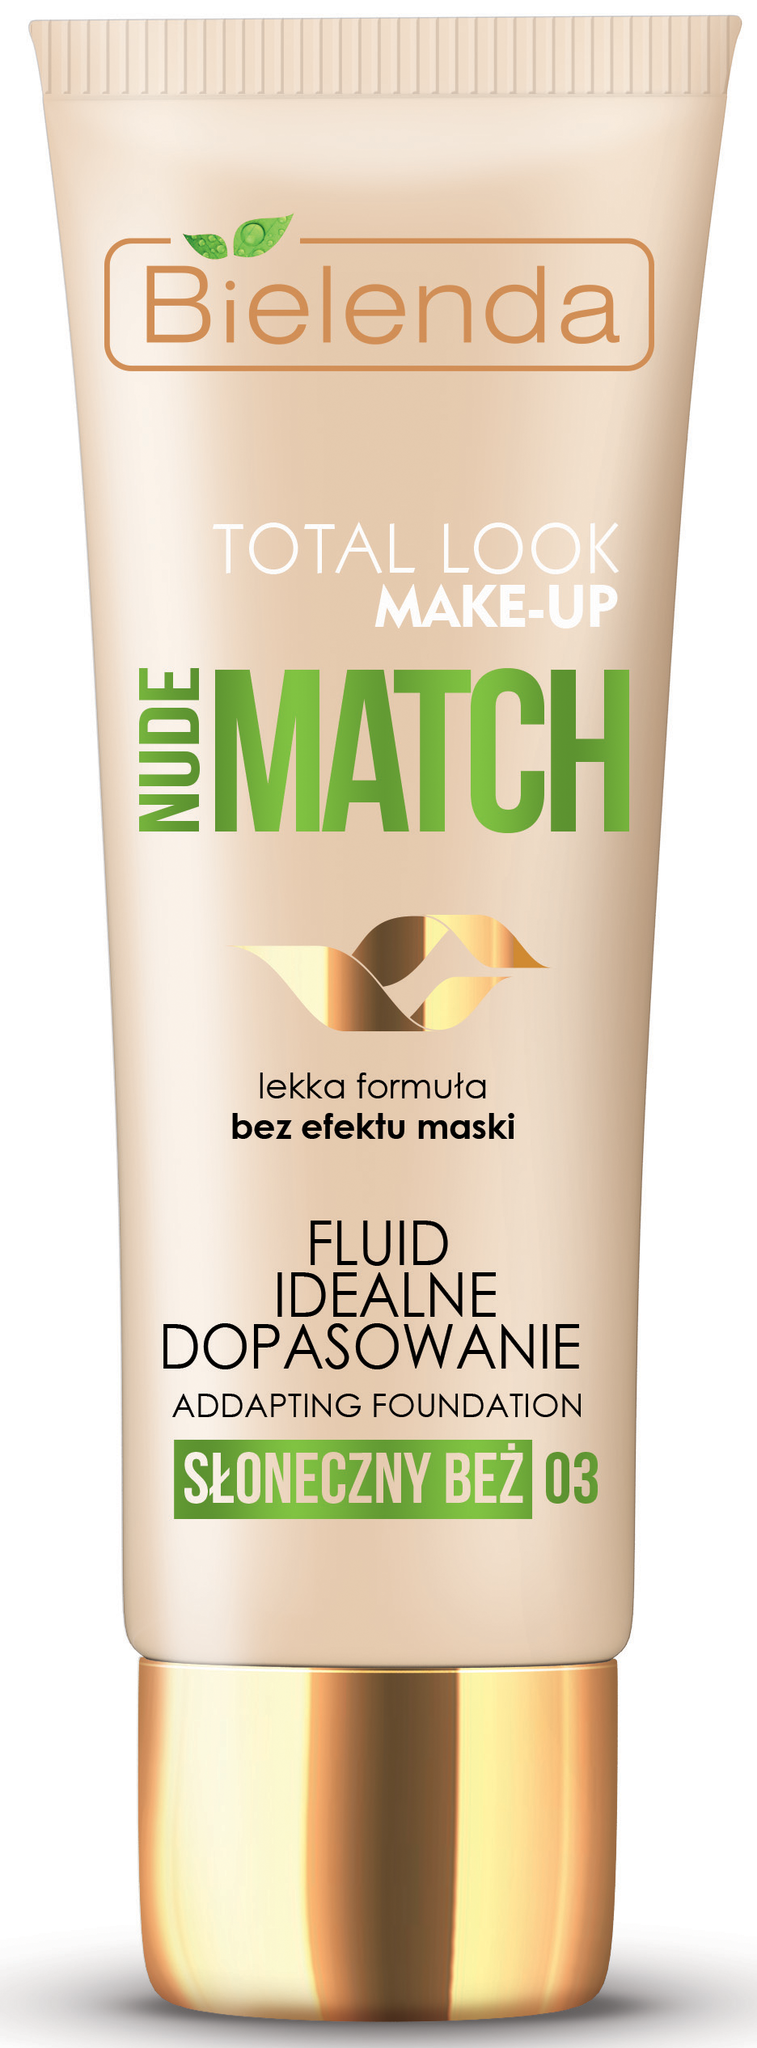 TOTAL LOOK MAKE-UP Тональный крем адаптирующийся под цвет кожи NUDE MATCH - солнечный 30гр